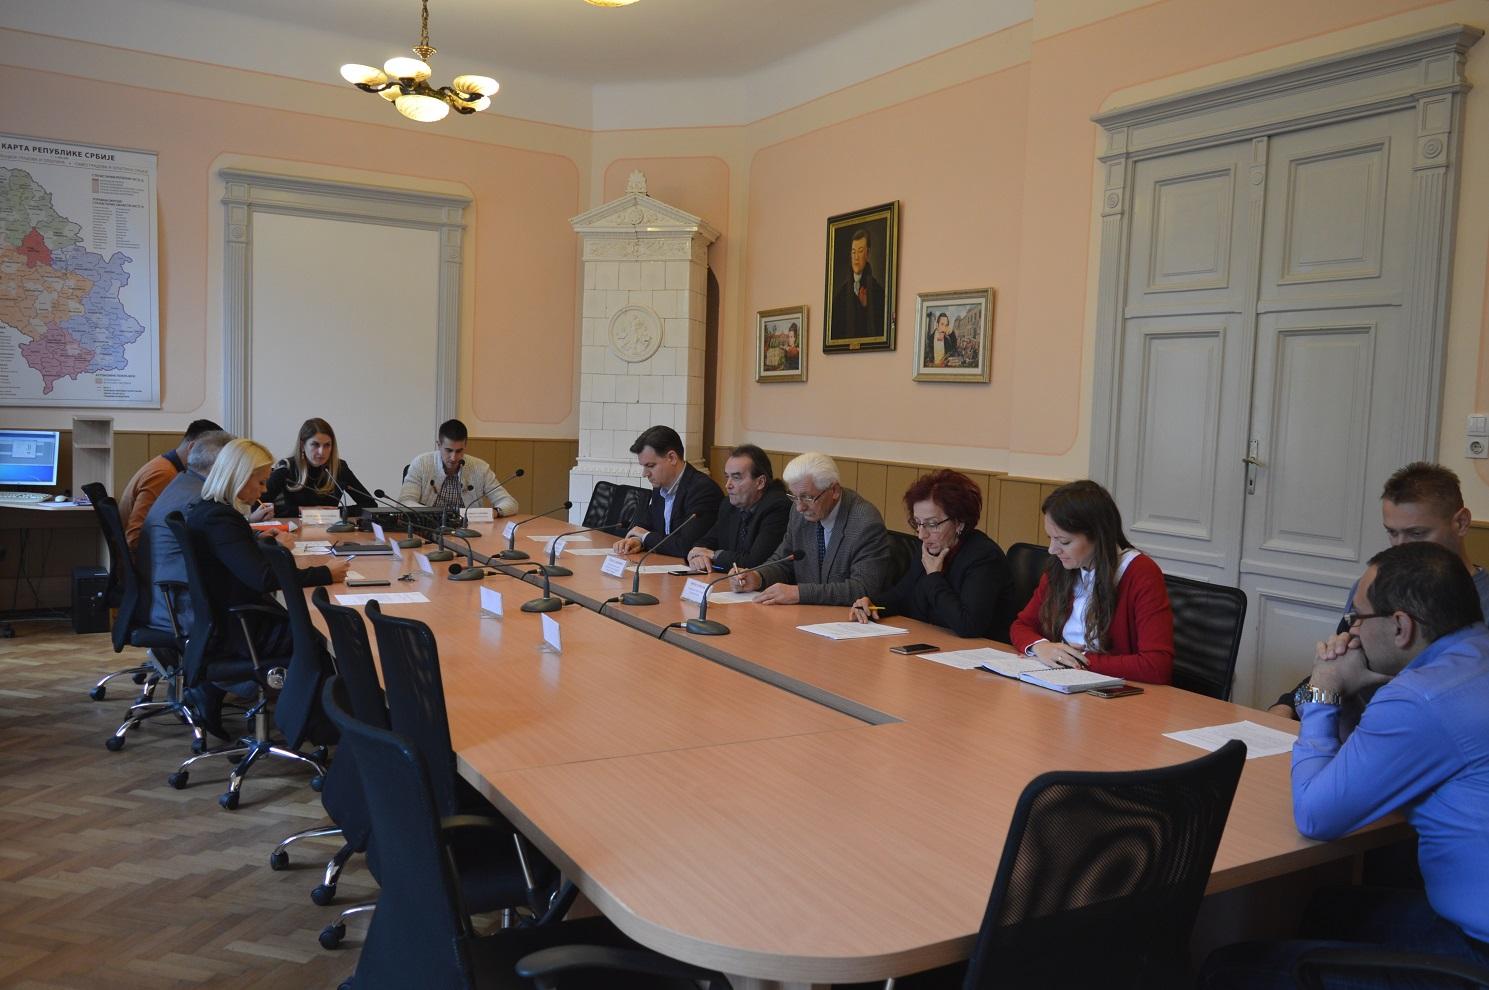 Председница Скупштине града Сомбора Љиљана Тица и заменик градоначелнице Антонио Ратковић уприличили су пријем за госте